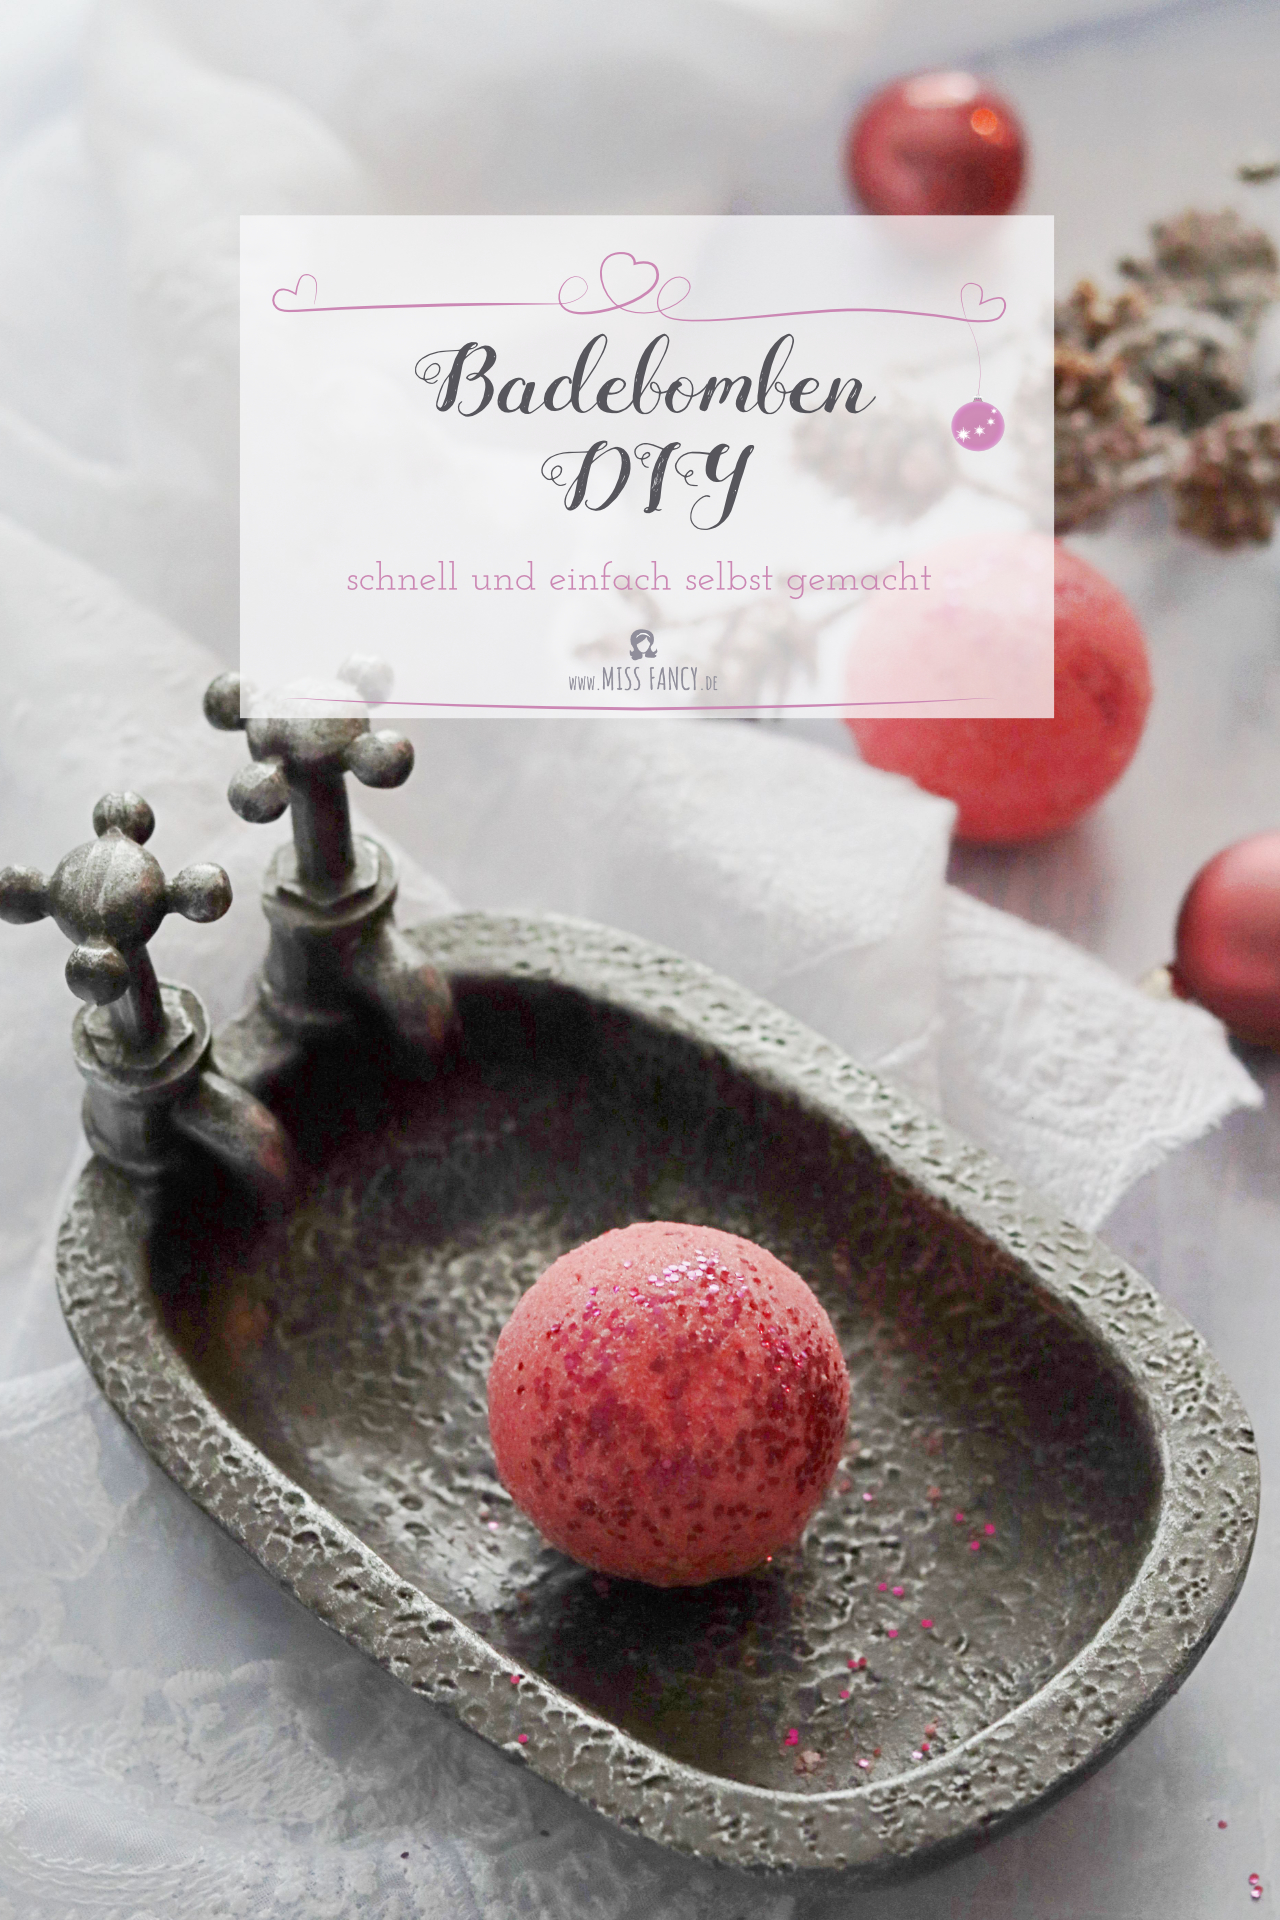 Beauty-Badebomben-DIY-1